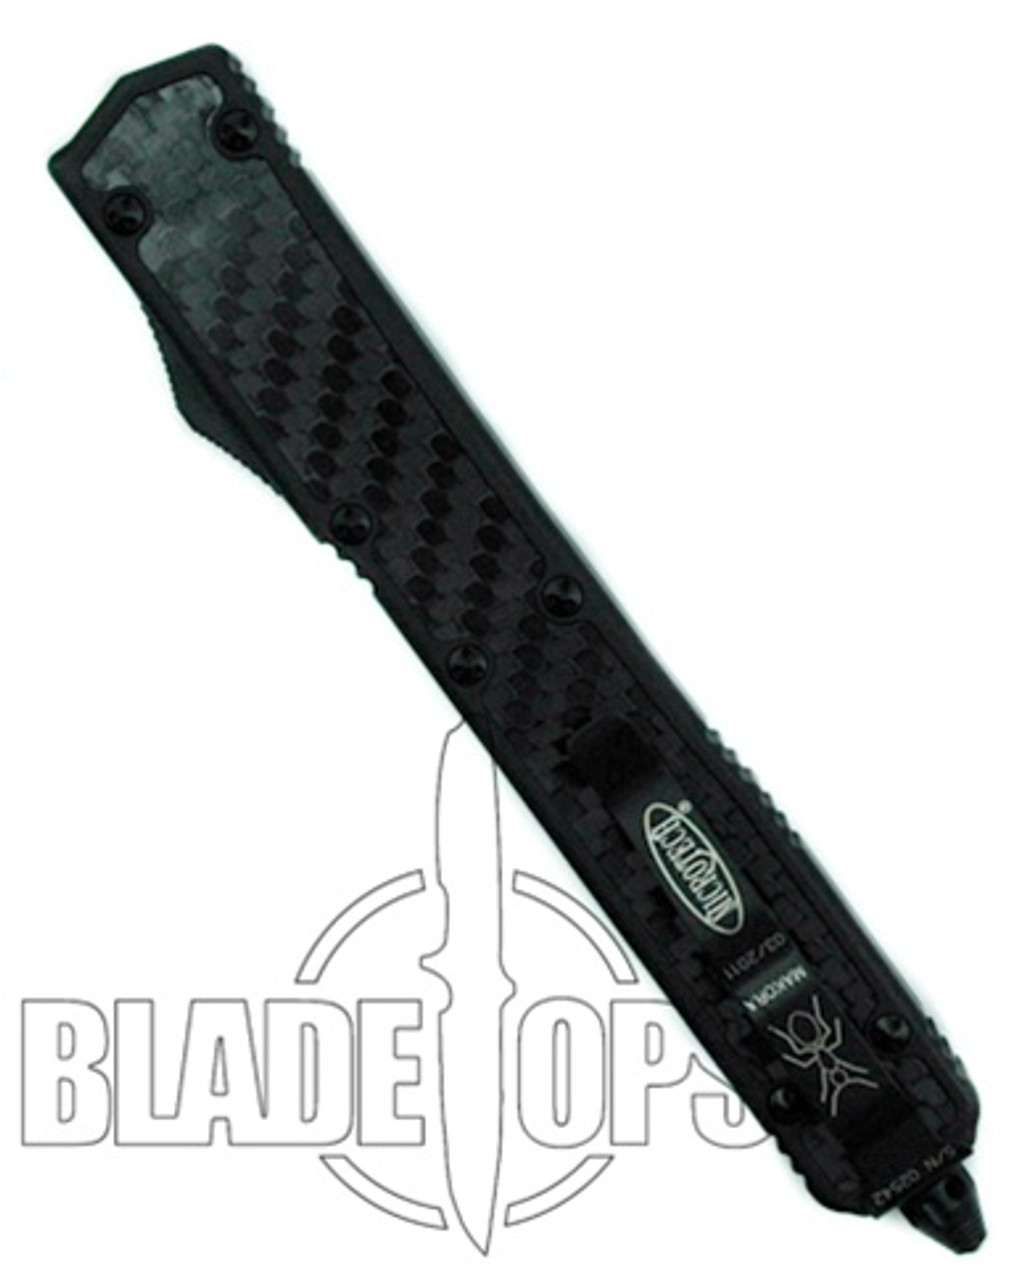 Microtech Tactical Makora II OTF Knife, Dual Edge Blade, Full Serrrations One Edge, 106-3T